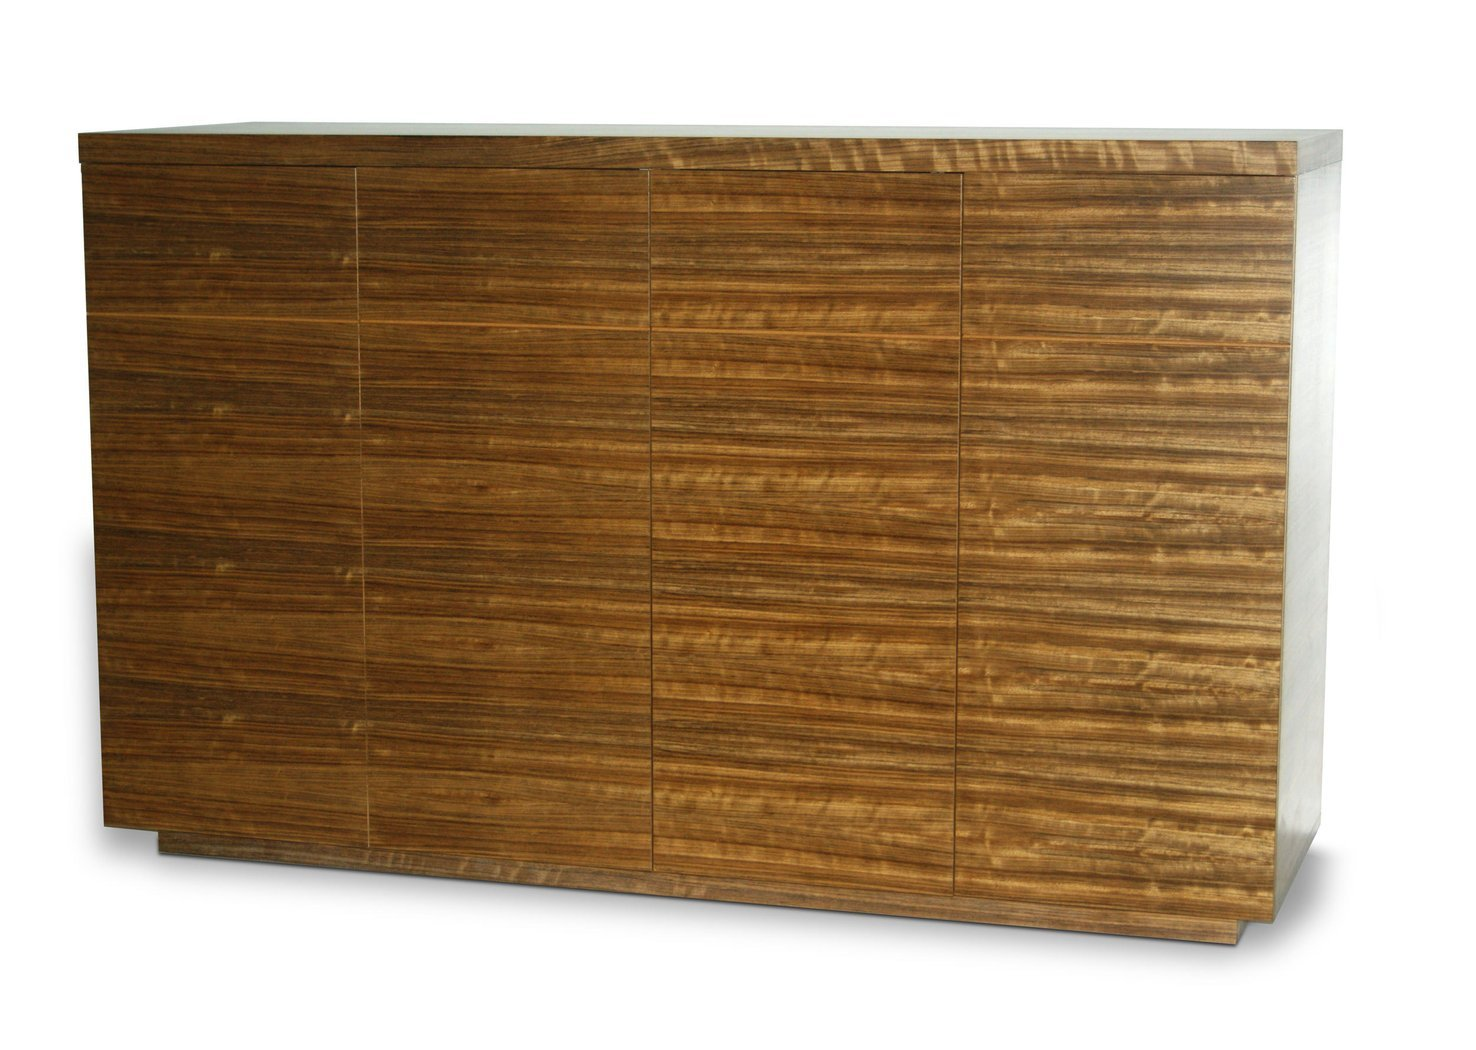 4 TÜRIGER SCHRANK MIT INNENSCHUBLADEN Ausstattung Möbel Loftmarkt Wars-Slol0010